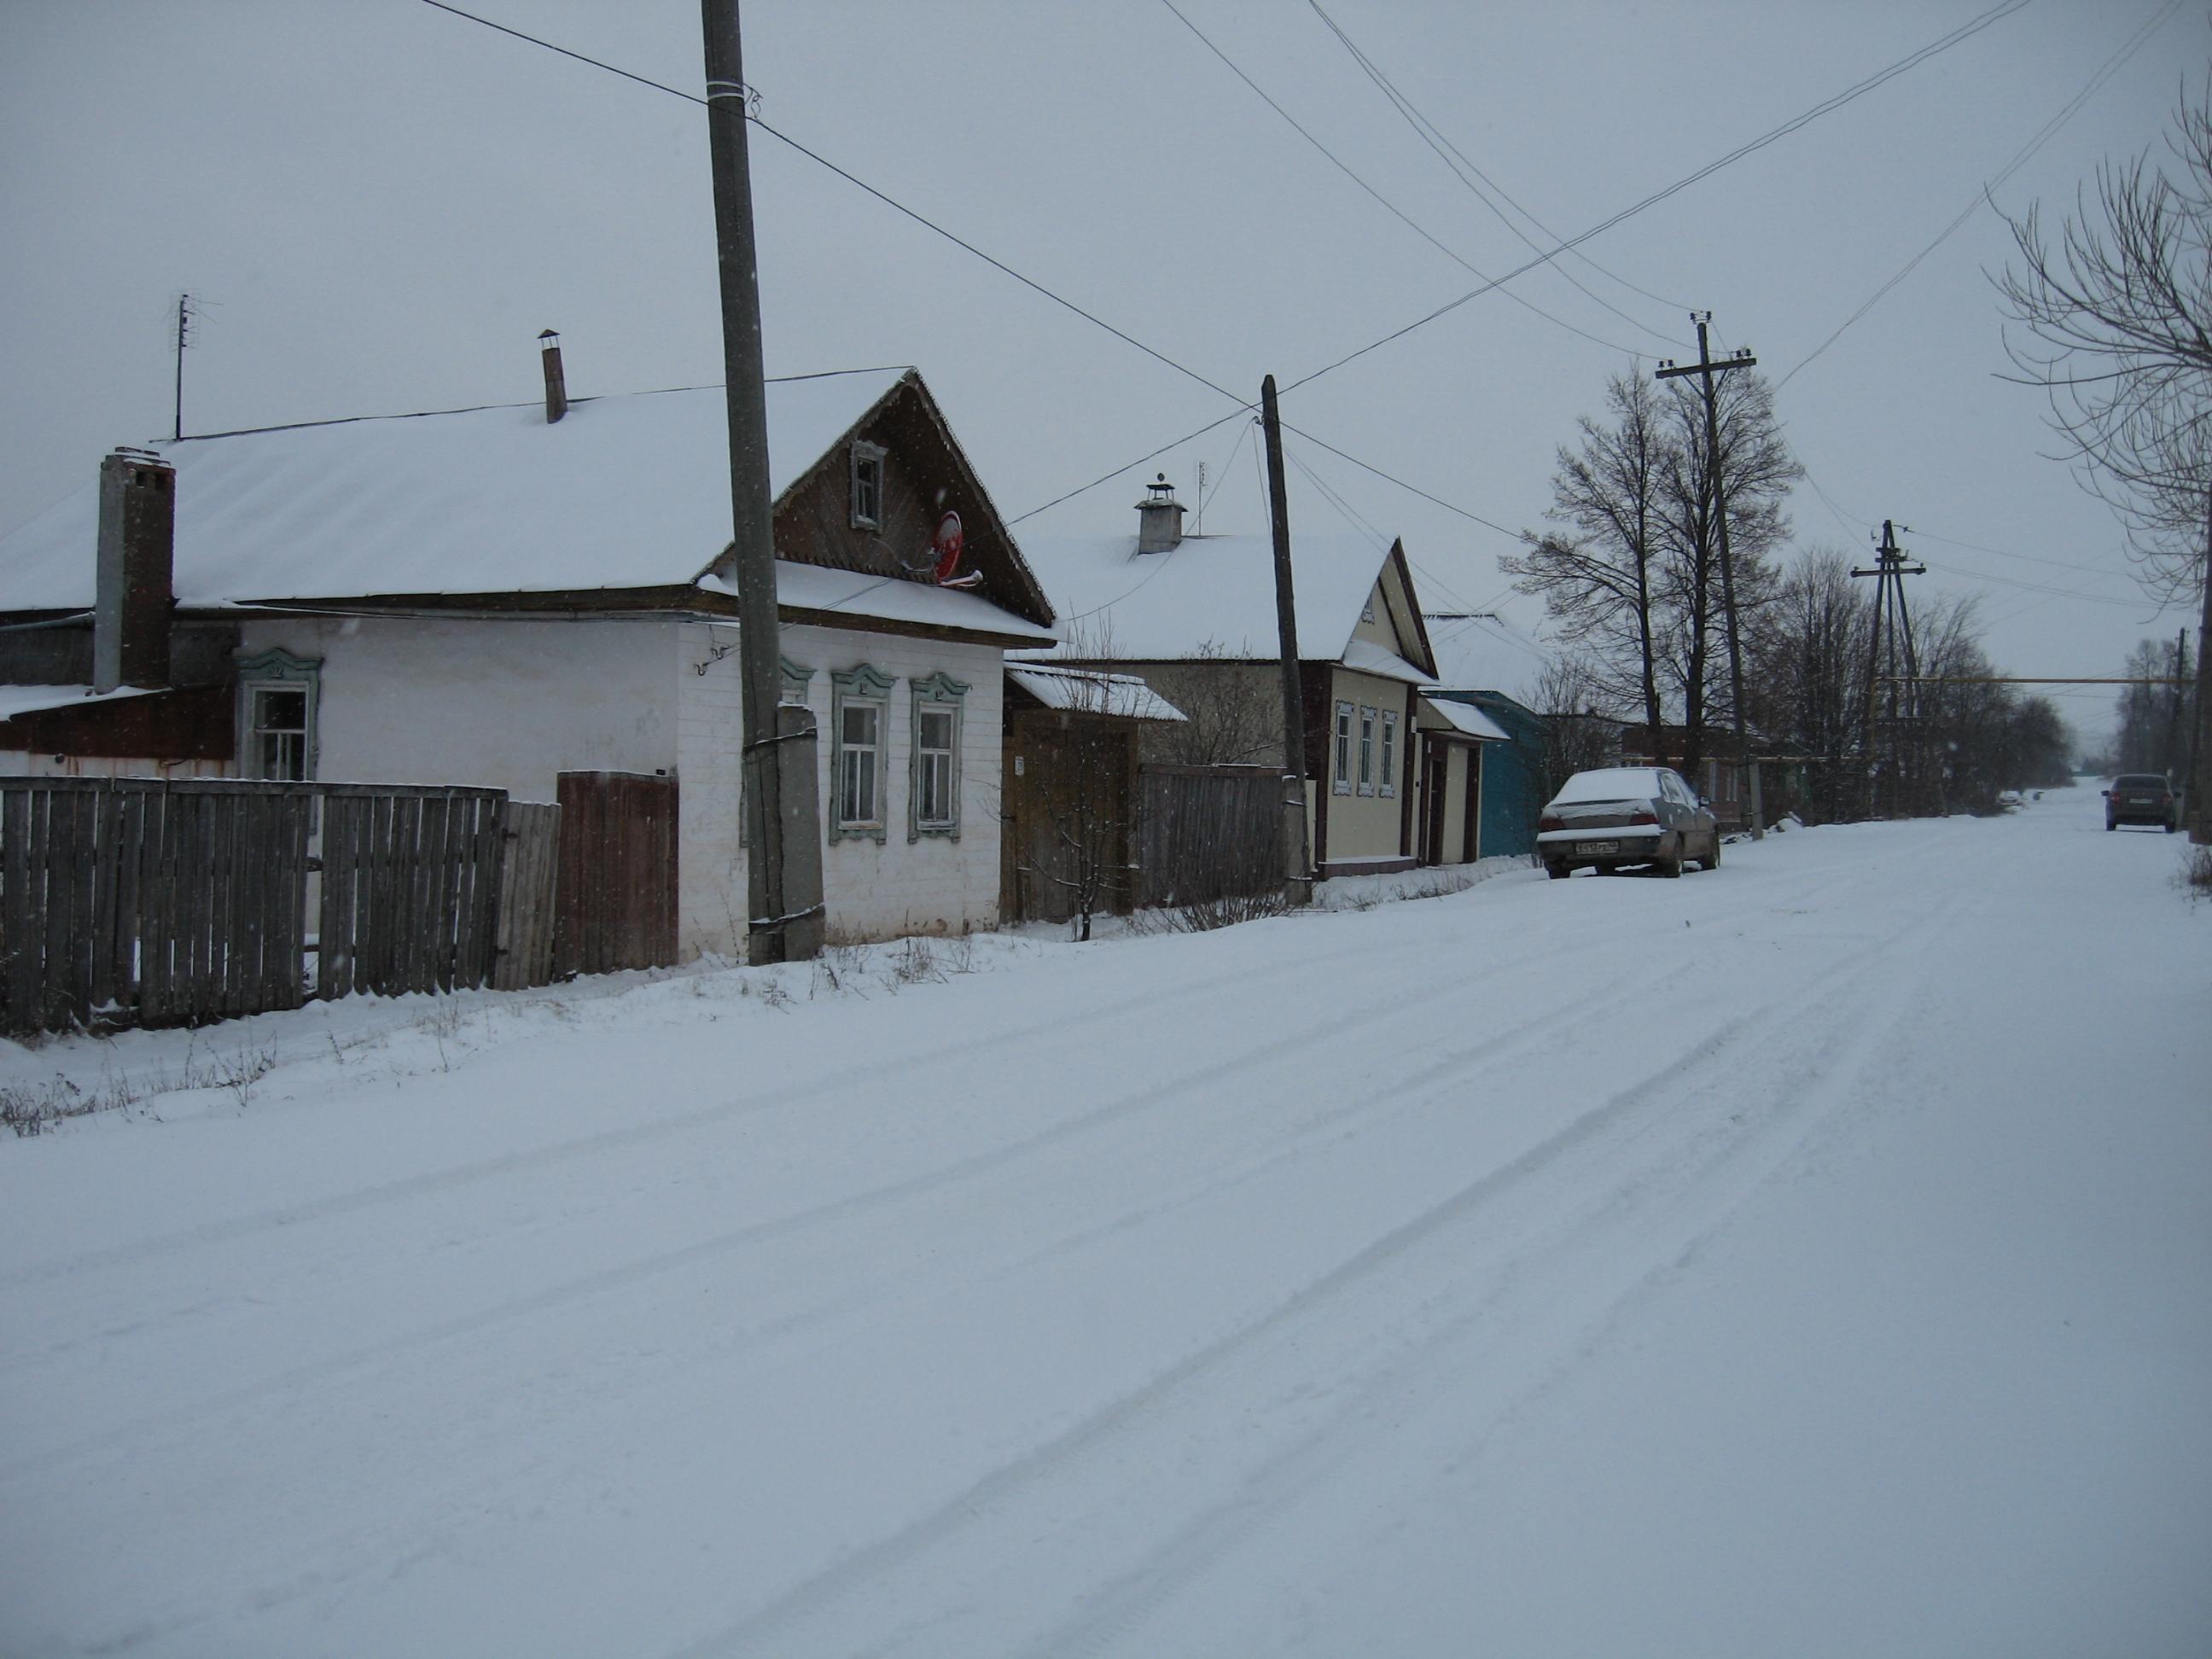 2020 03 24 Малмыж Снег (2).JPG